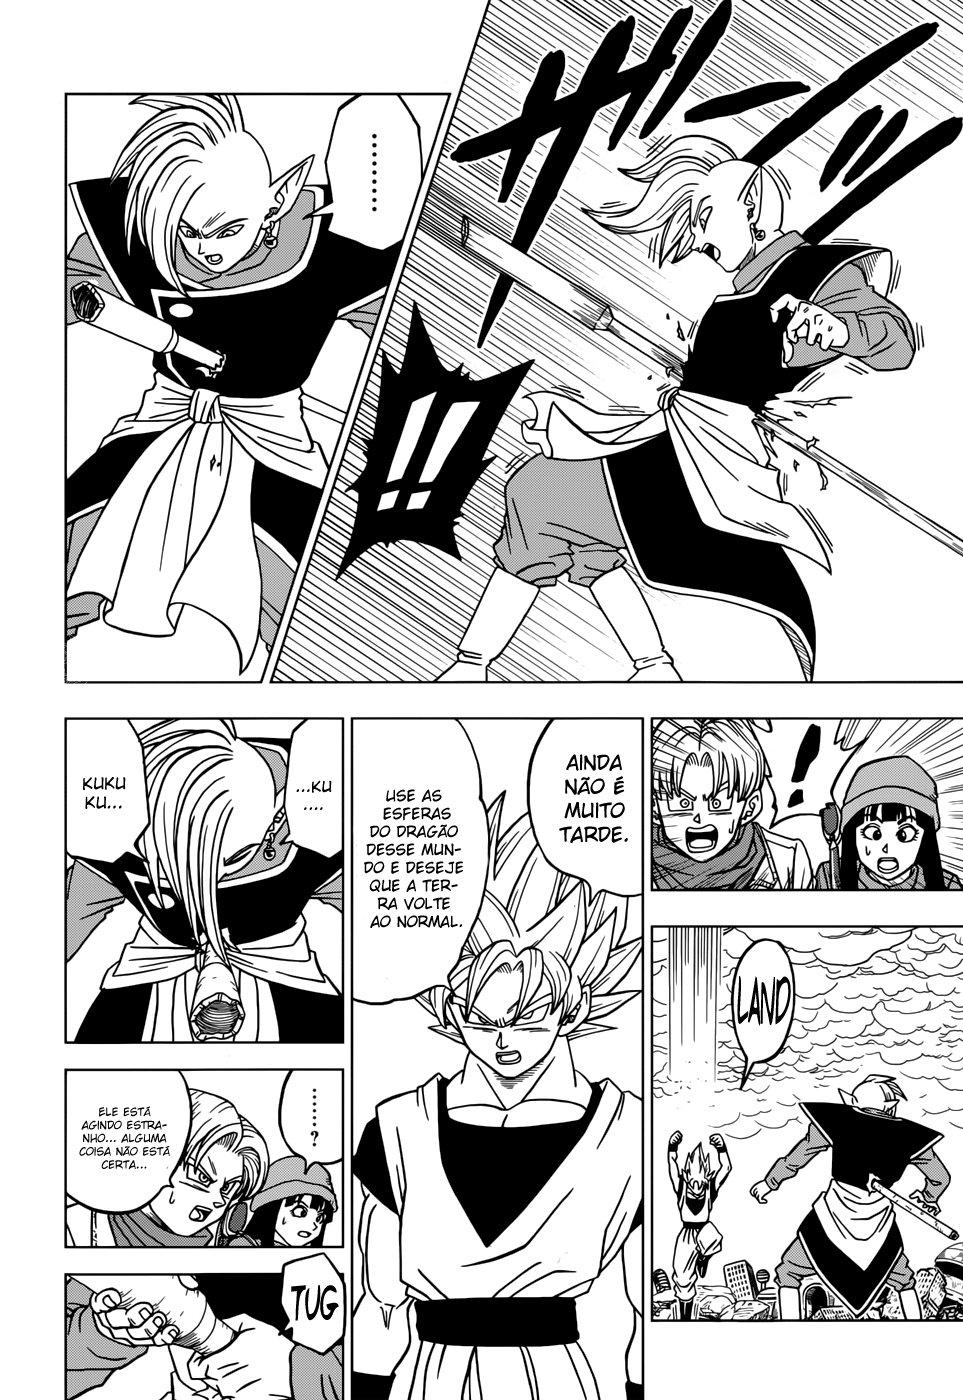 Faz sentido os Fans de Animes Falarem que se Personagem Fraco Vencer Alguém que destrói uma Montanha ele Também destrói uma Montanha? Zamasu12